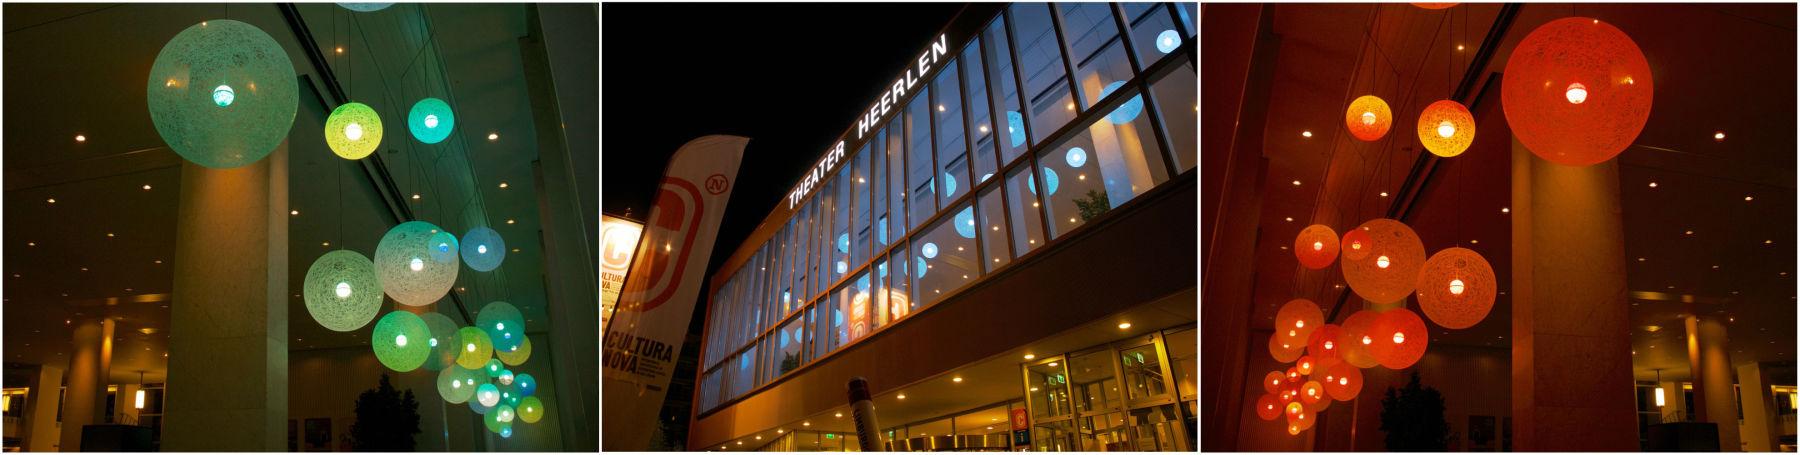 FoyerLimburgTheater